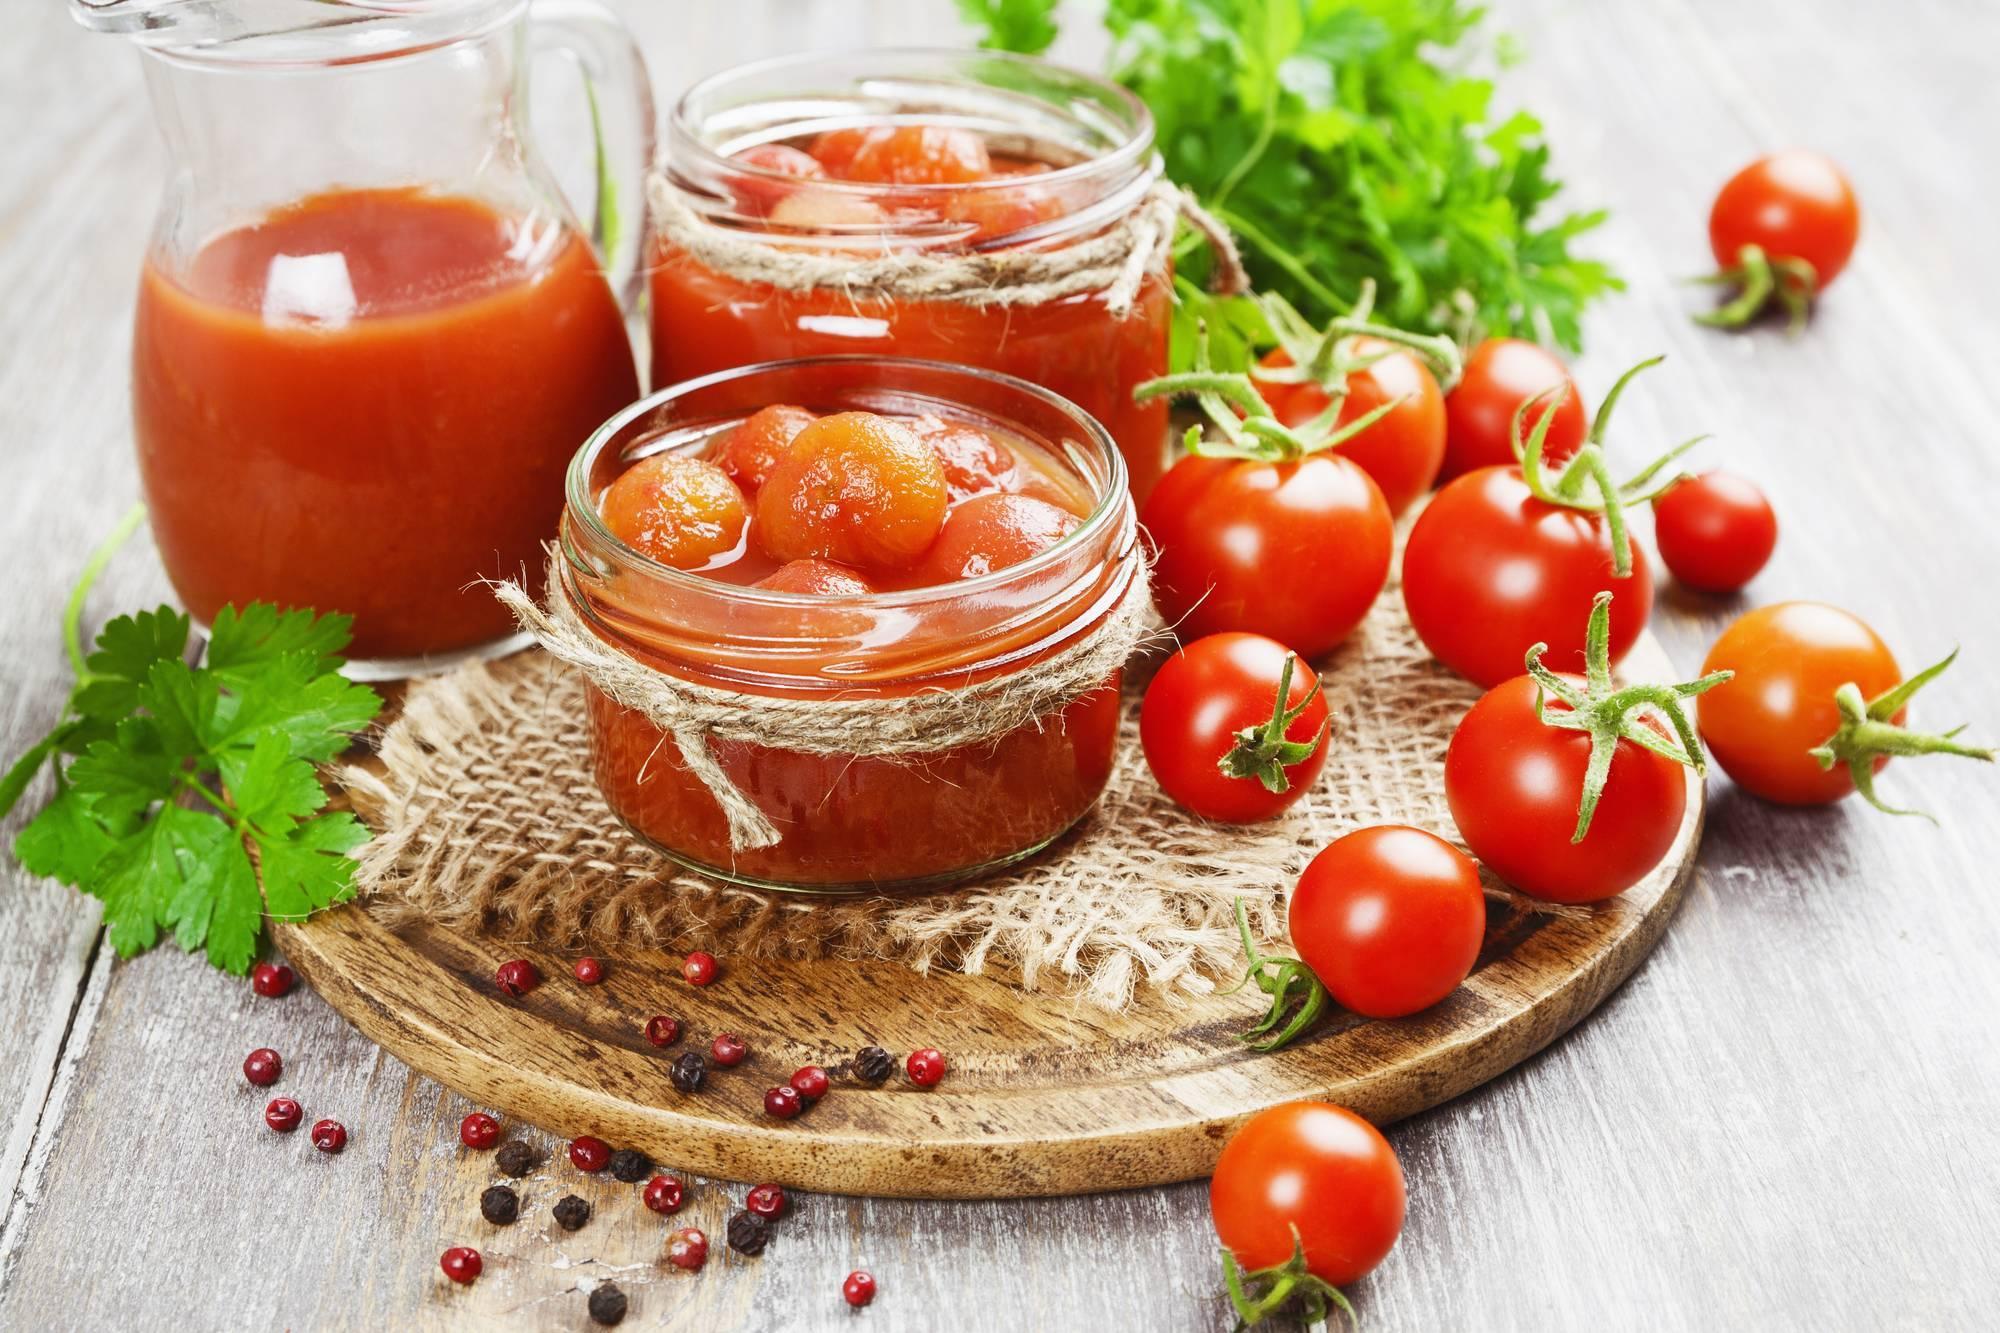 Помидоры черри маринованные острые рецепт. рецепты консервирования томатов черри в собственном соку